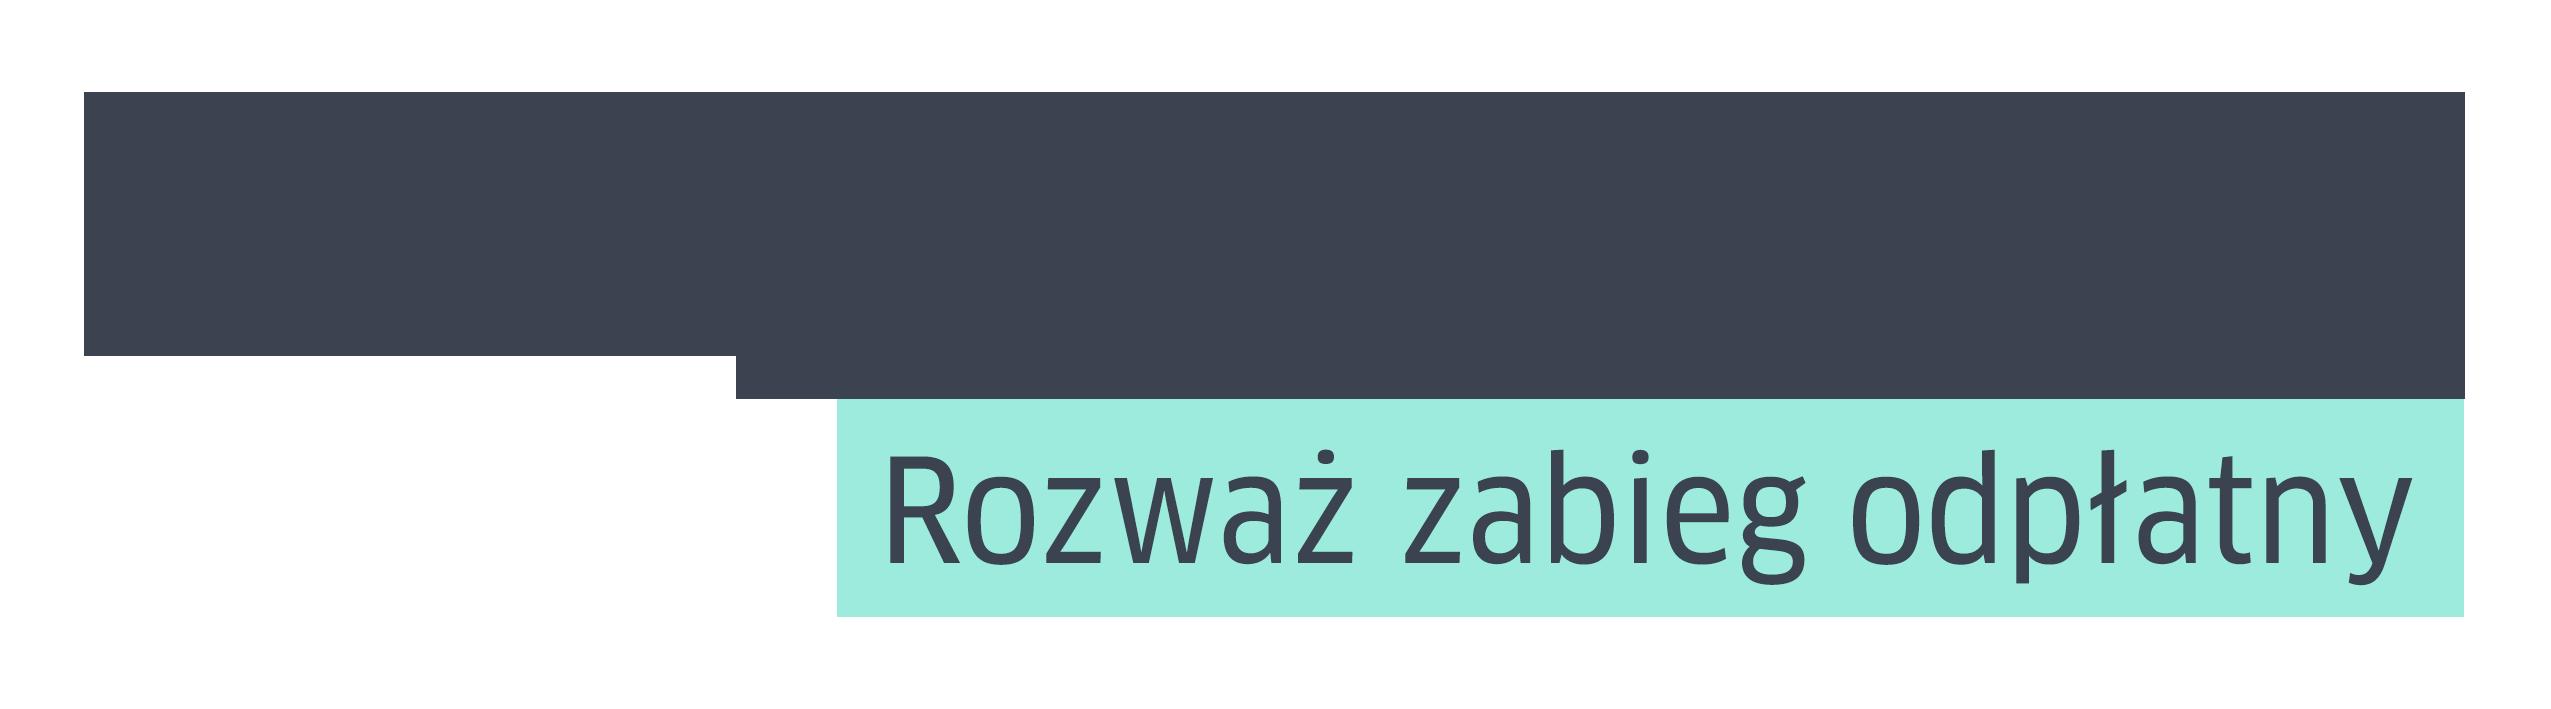 """(Polski) EuroMedic uczestniczy w kampanii """"Wyjdź z kolejki. Rozważ zabieg odpłatny."""""""